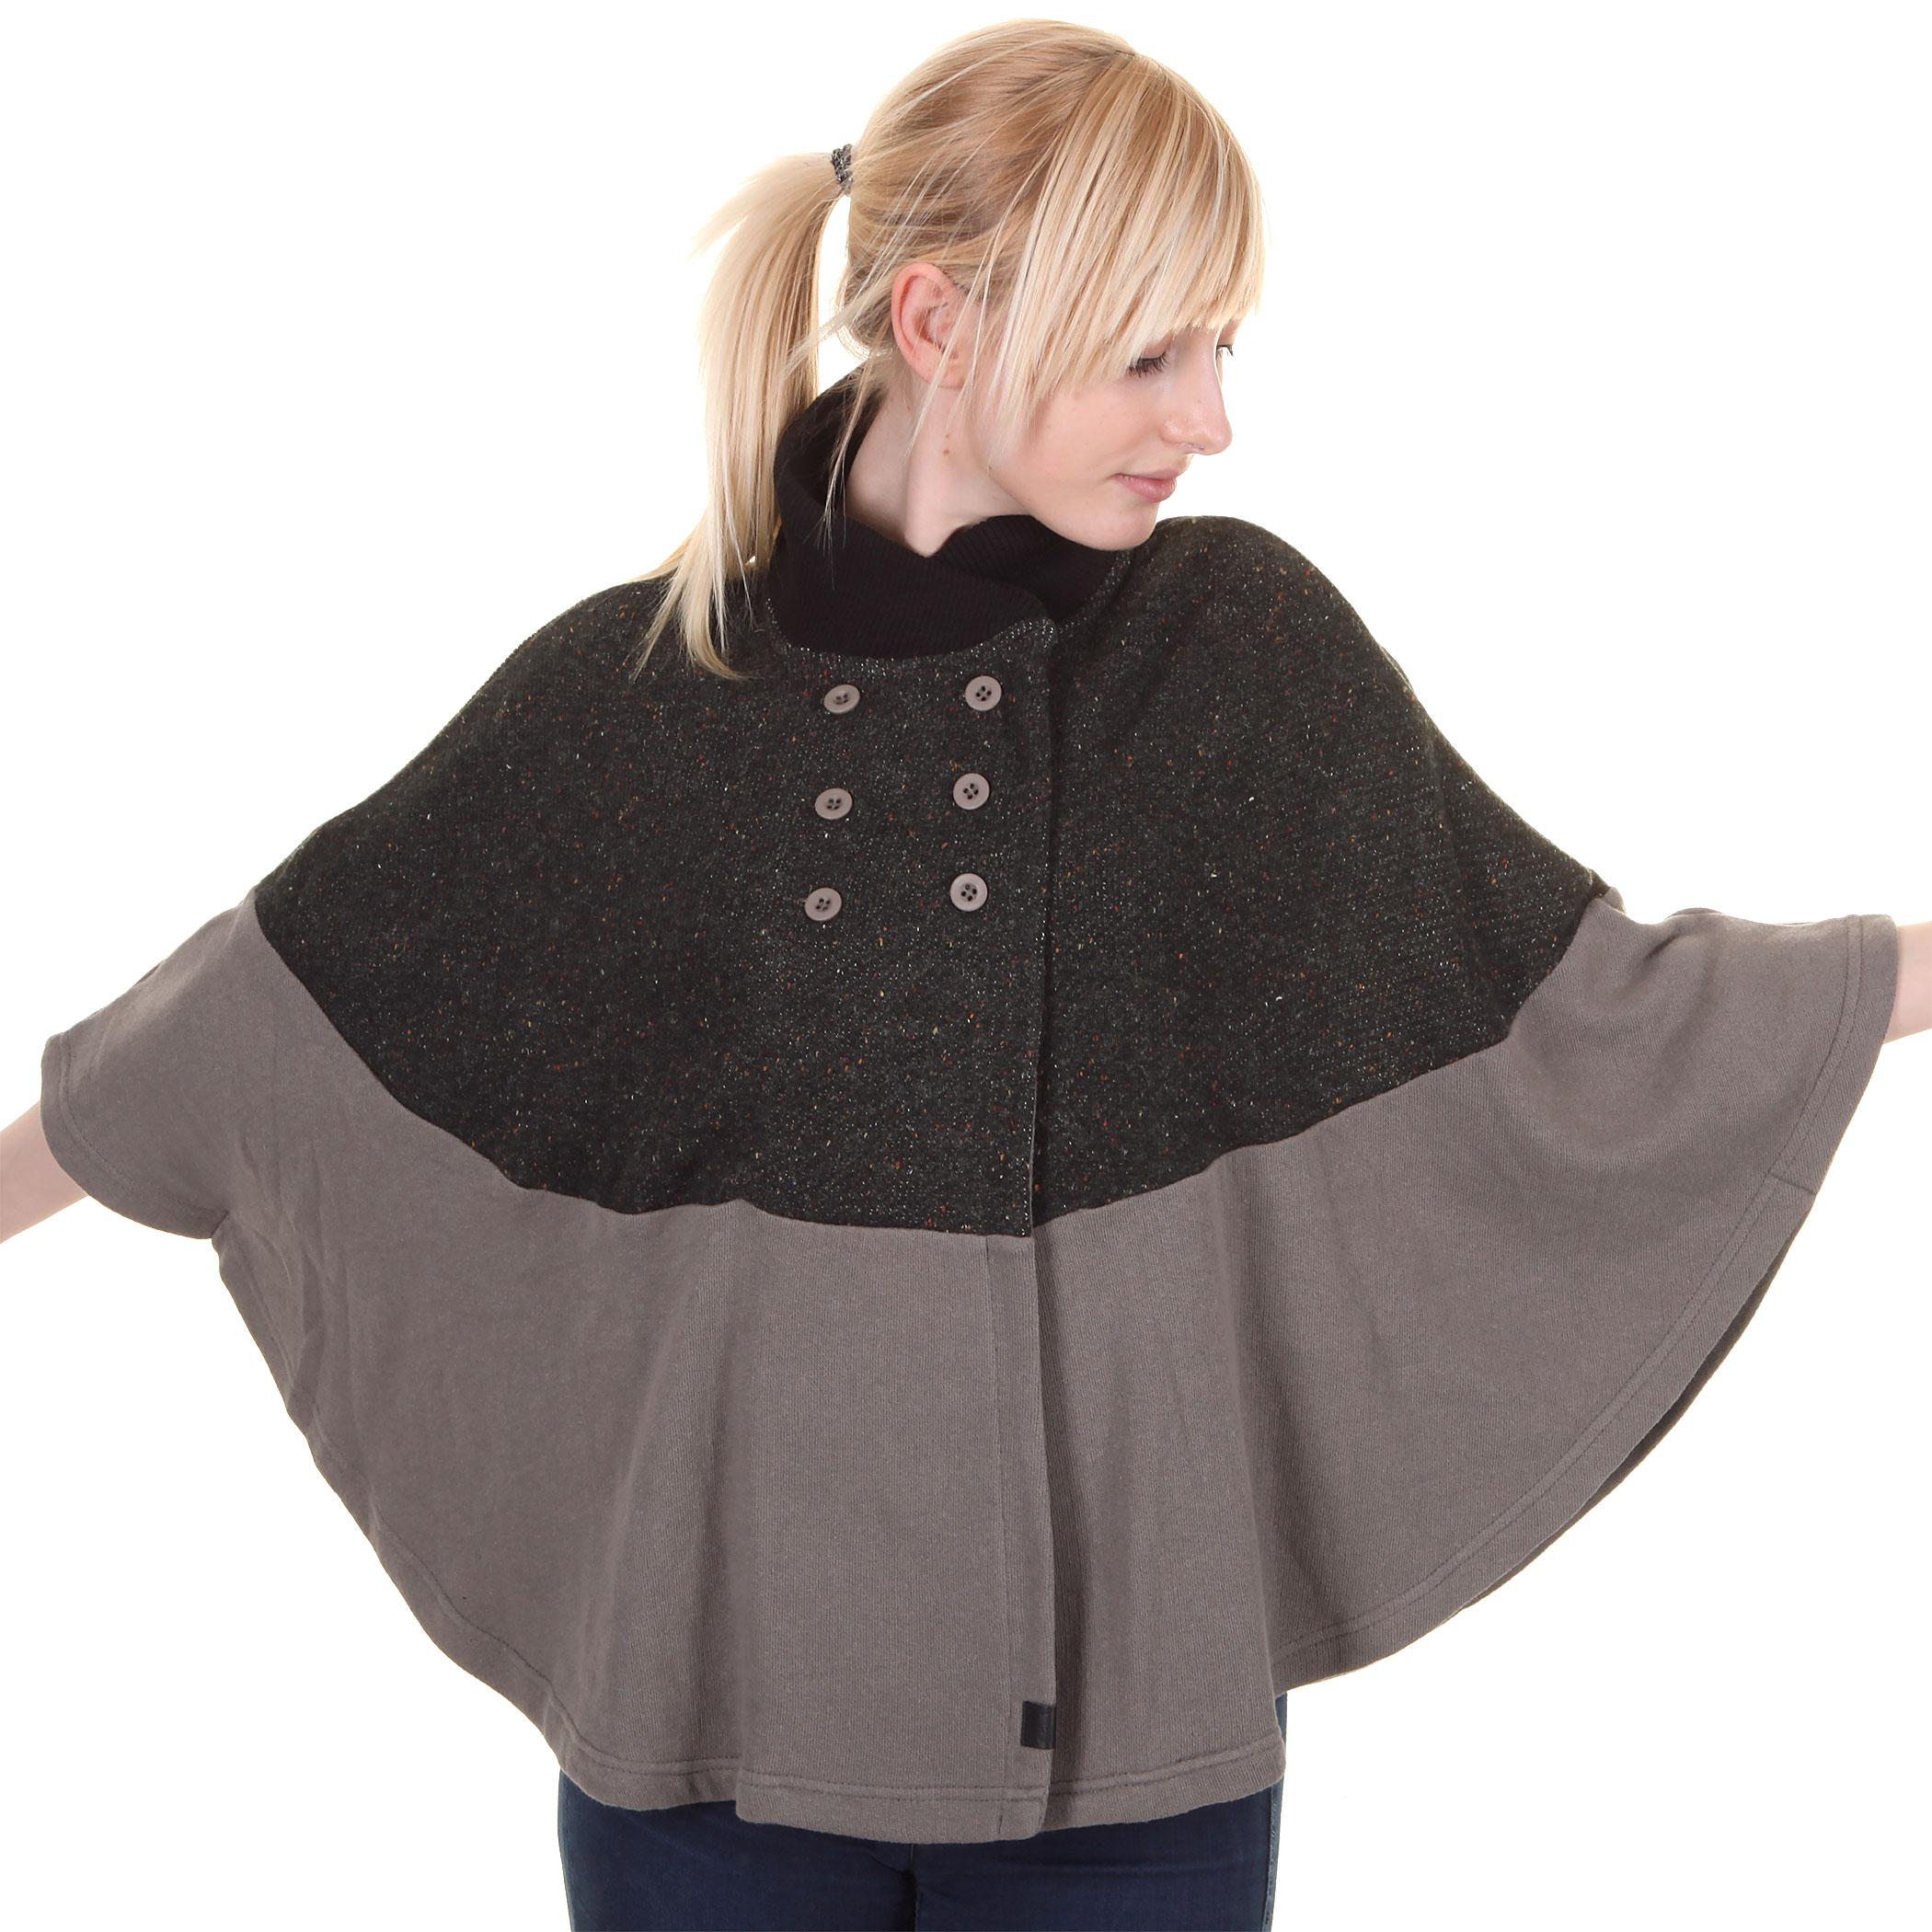 Poncho Vans franny poncho jacket women (dark gull grey) buy at ...